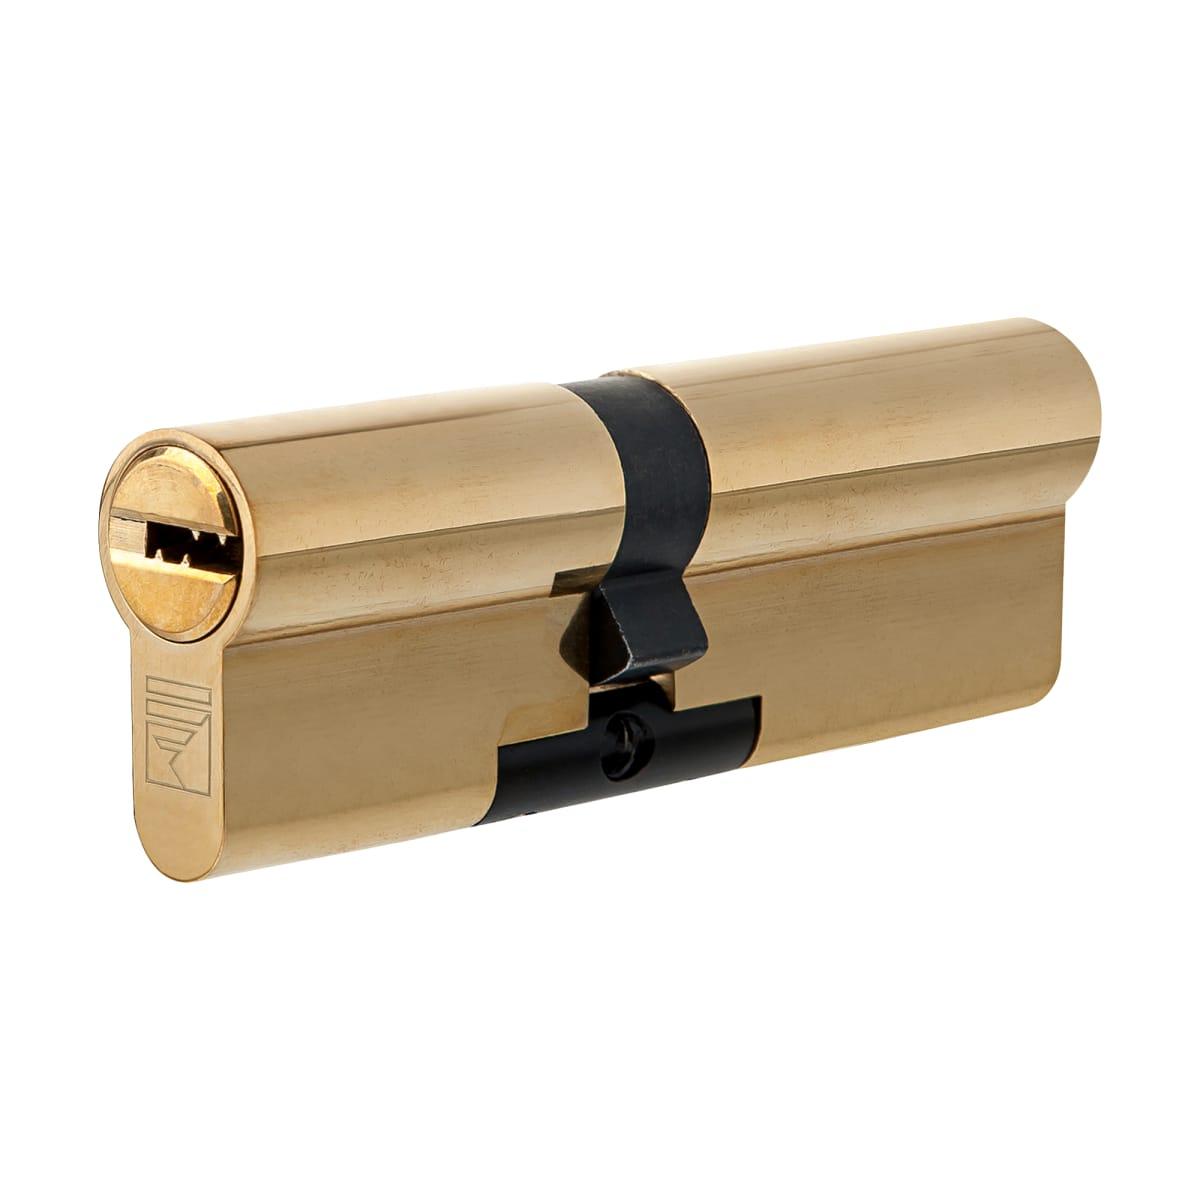 Цилиндр Apecs Premier XR-80(35/45)-G, 35x45 мм, ключ/ключ, цвет золото